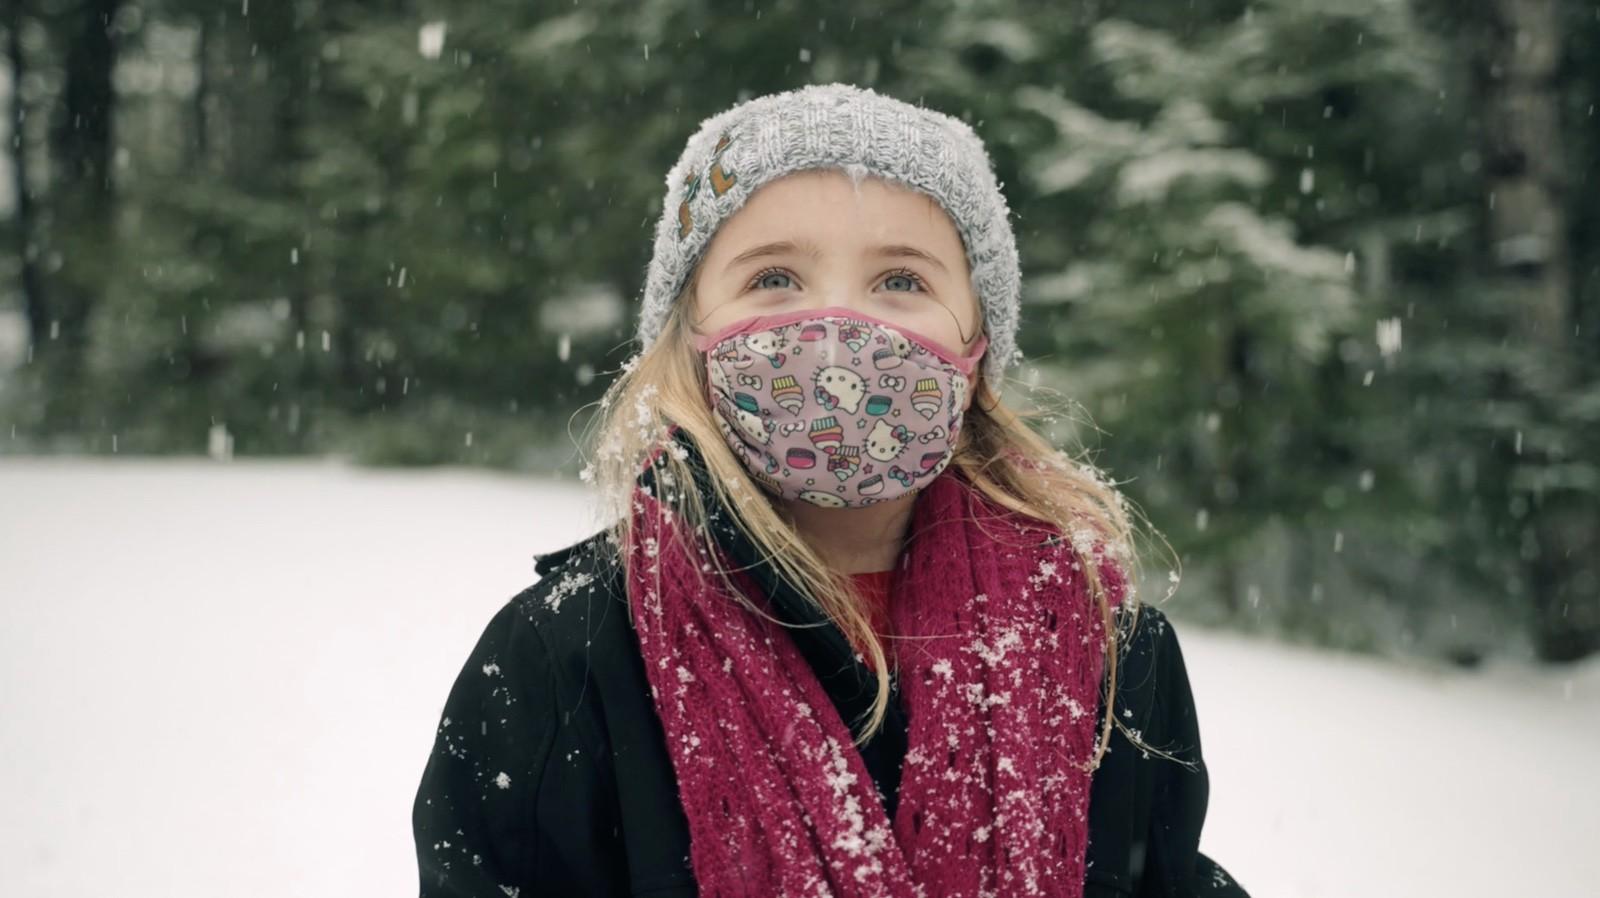 WinterKids Winter Games 2021 Video Screenshots11